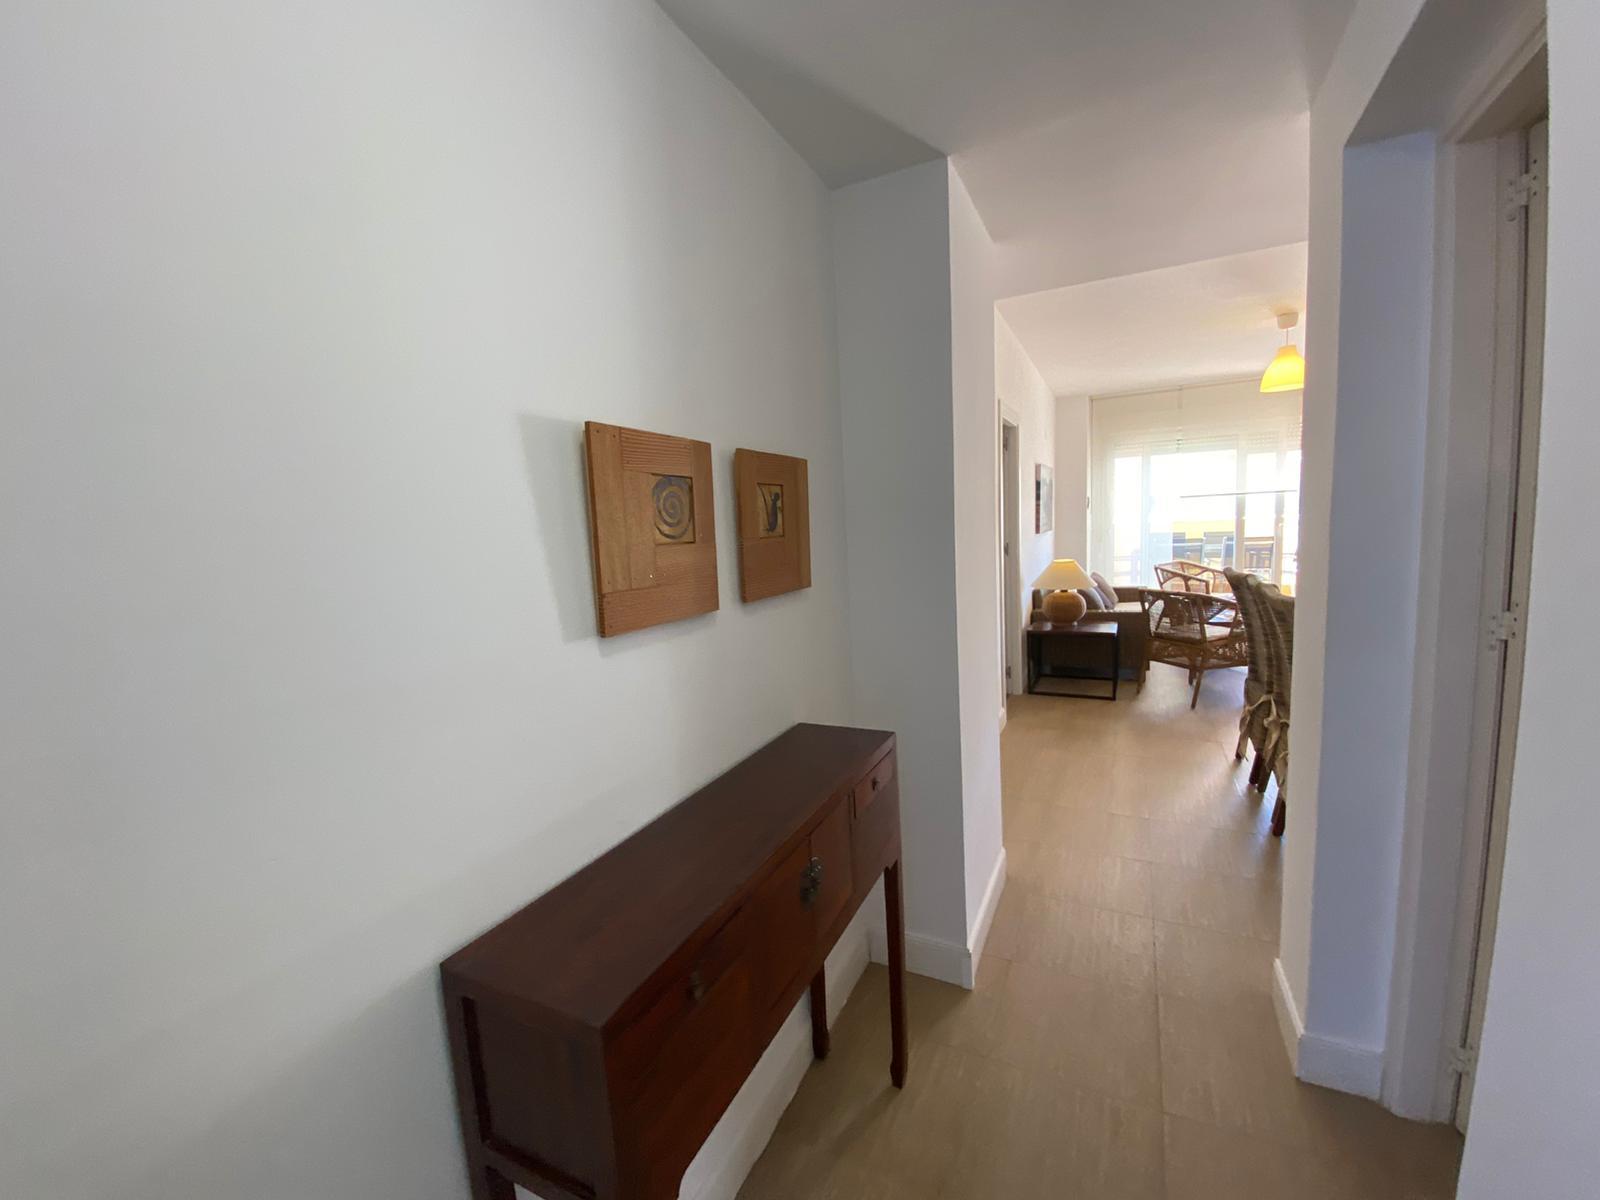 Imagen 13 del Apartamento Turístico, Ático 7 Poniente (3d+2b), Punta del Moral (HUELVA), Paseo de la Cruz nº22